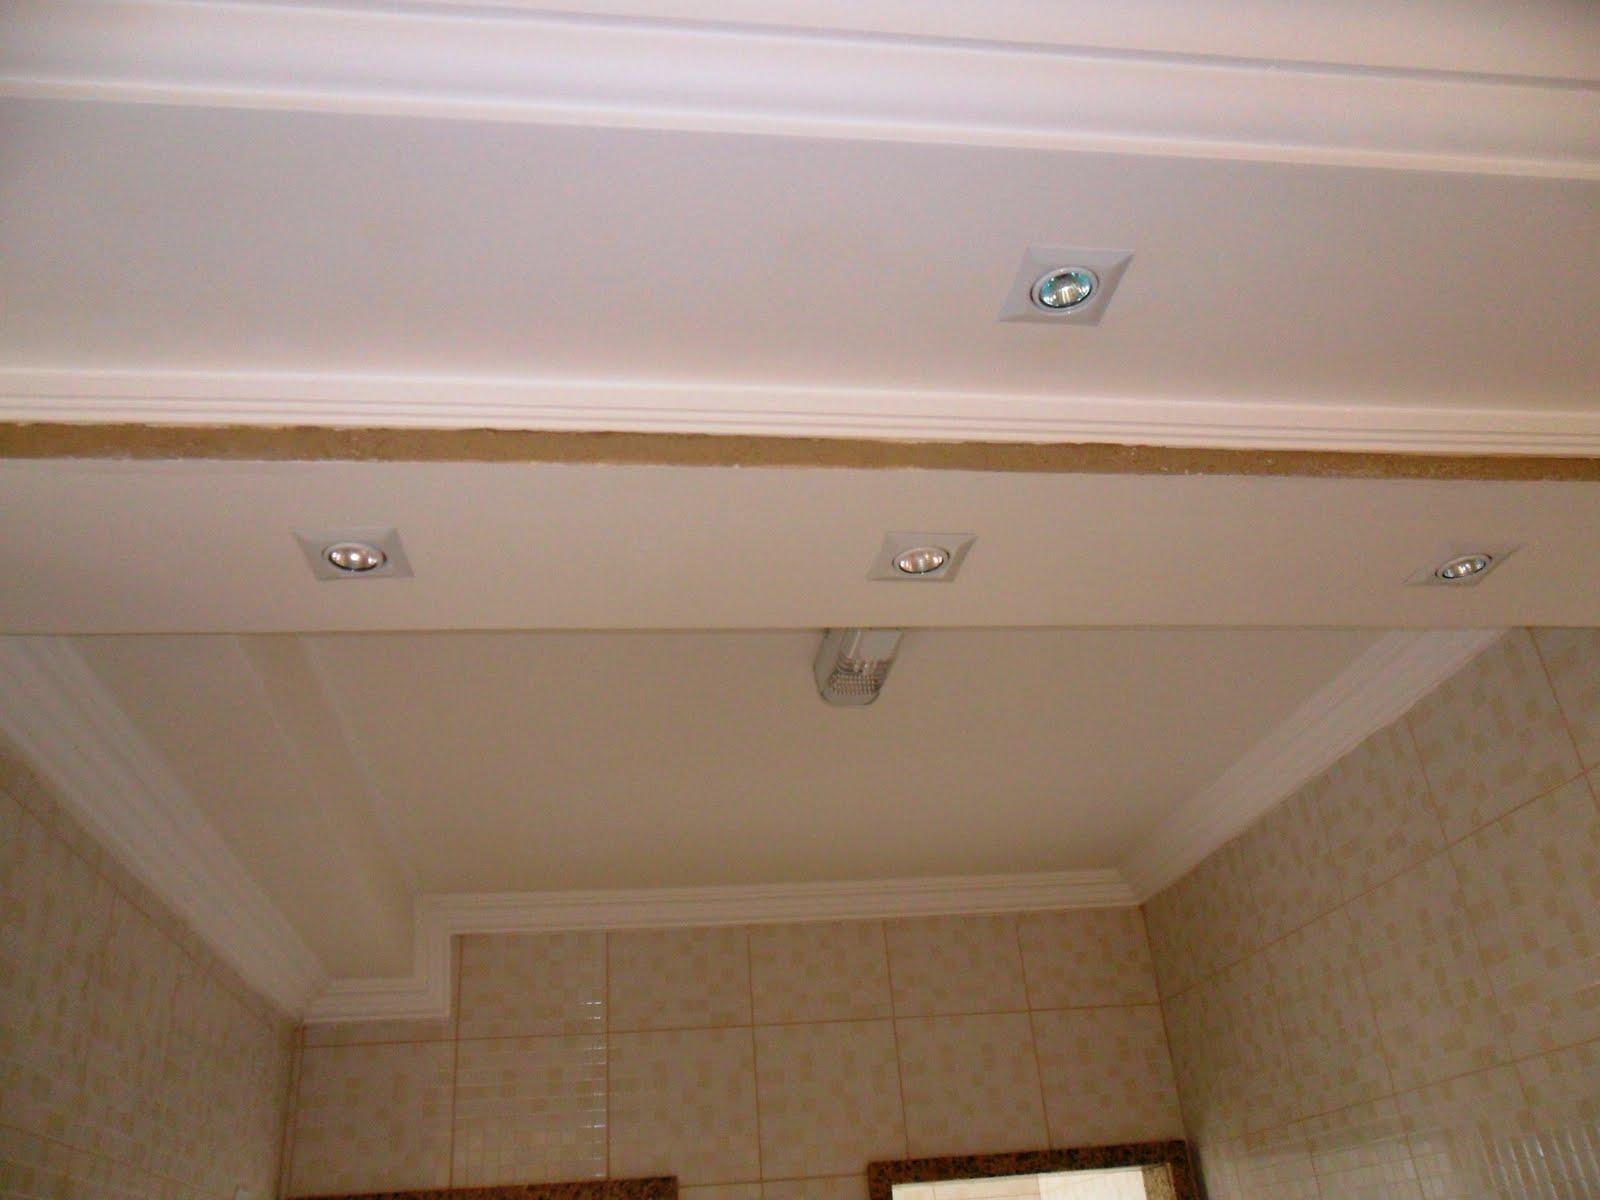 gesso banheiro com box BLINDEX sacada acabamento personalizado #3C1E0A 1600x1200 Acabamento Gesso Banheiro